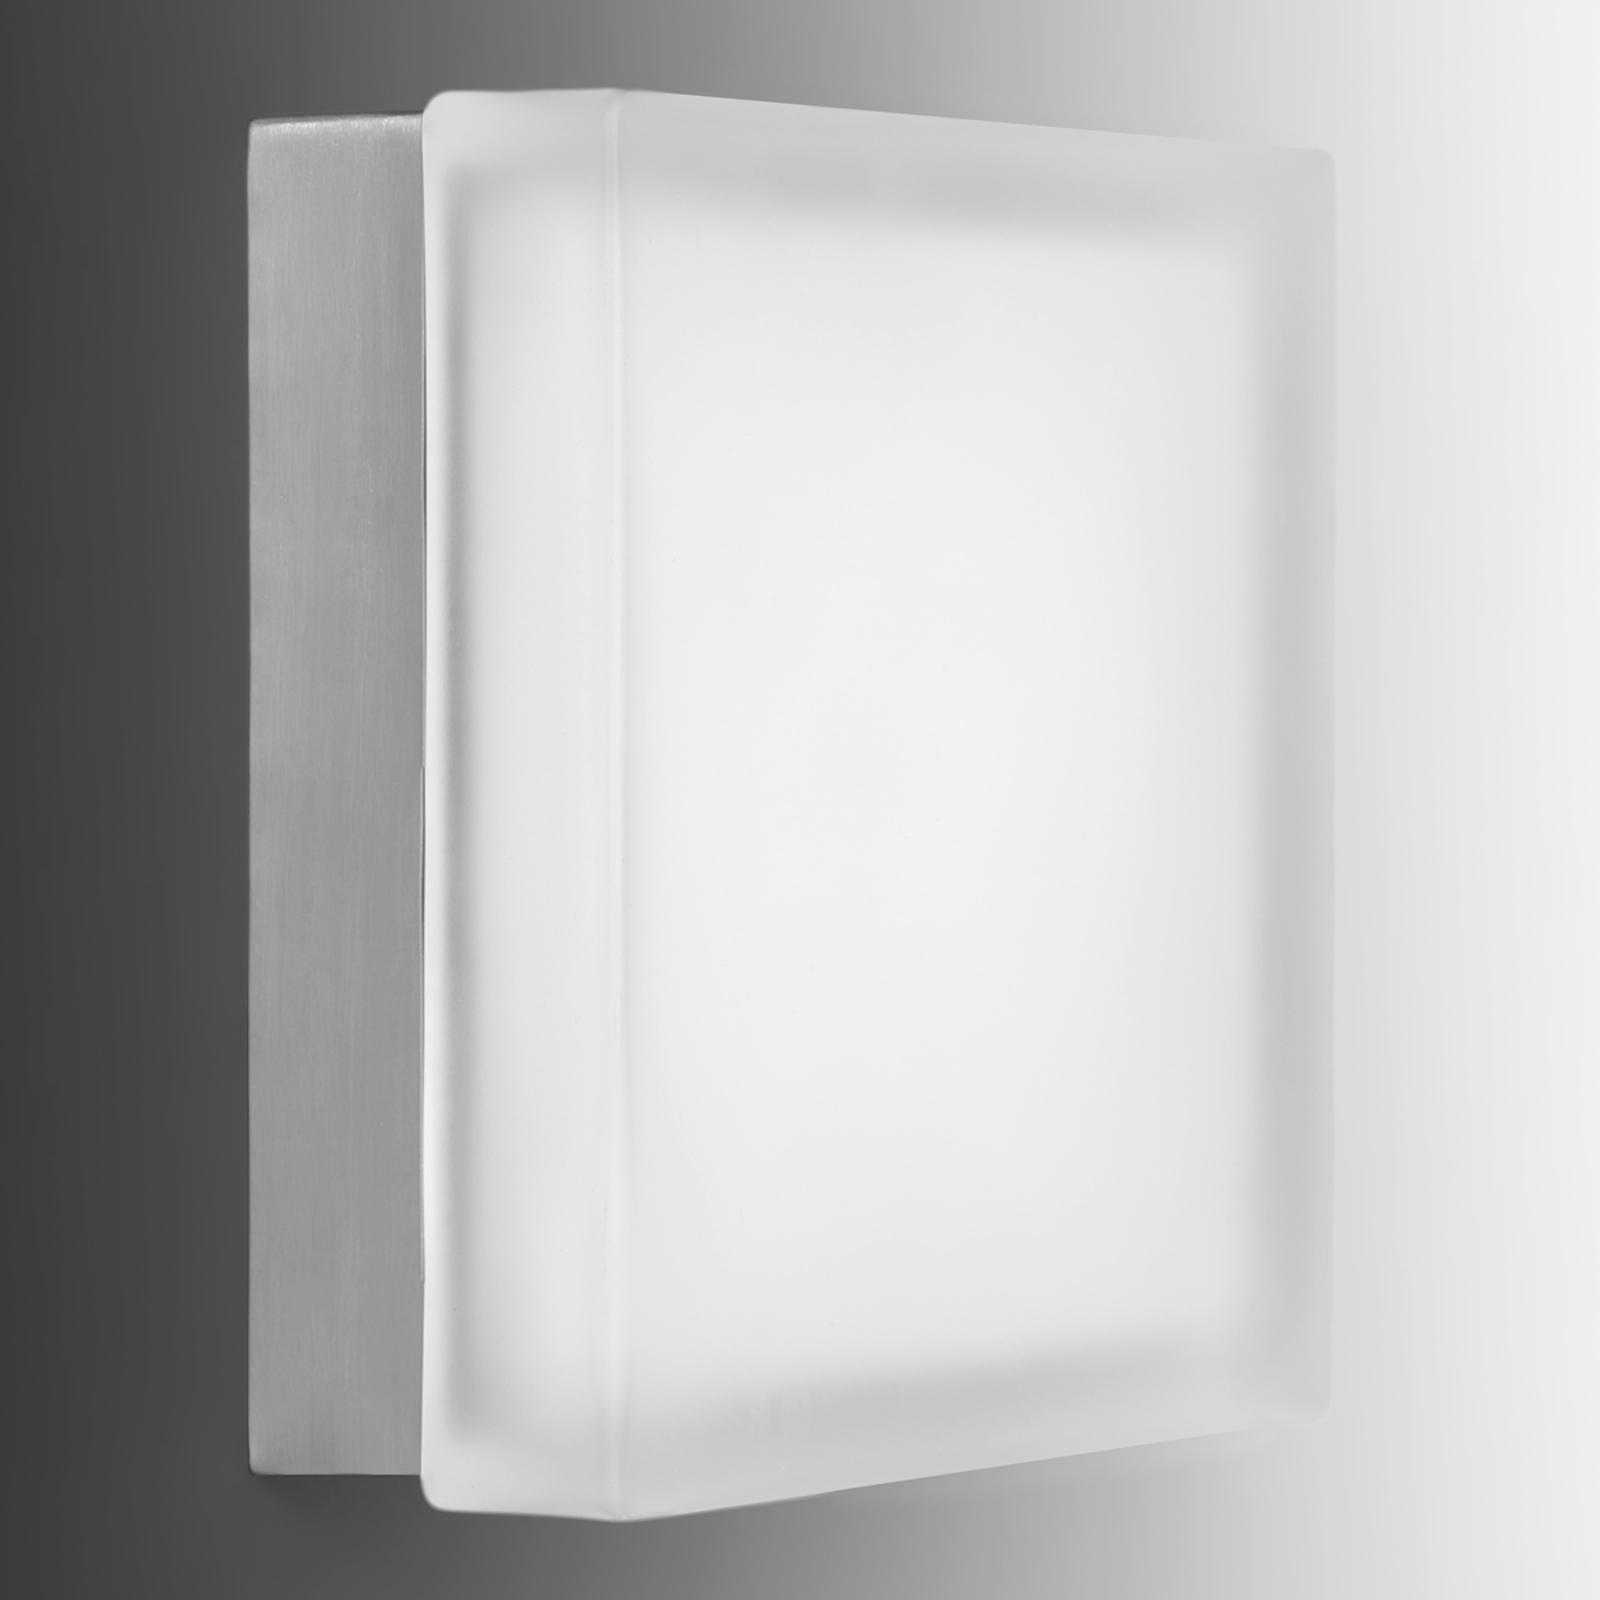 Bilde av Moderne Led-vegglampe Briq 02l Universalhvit